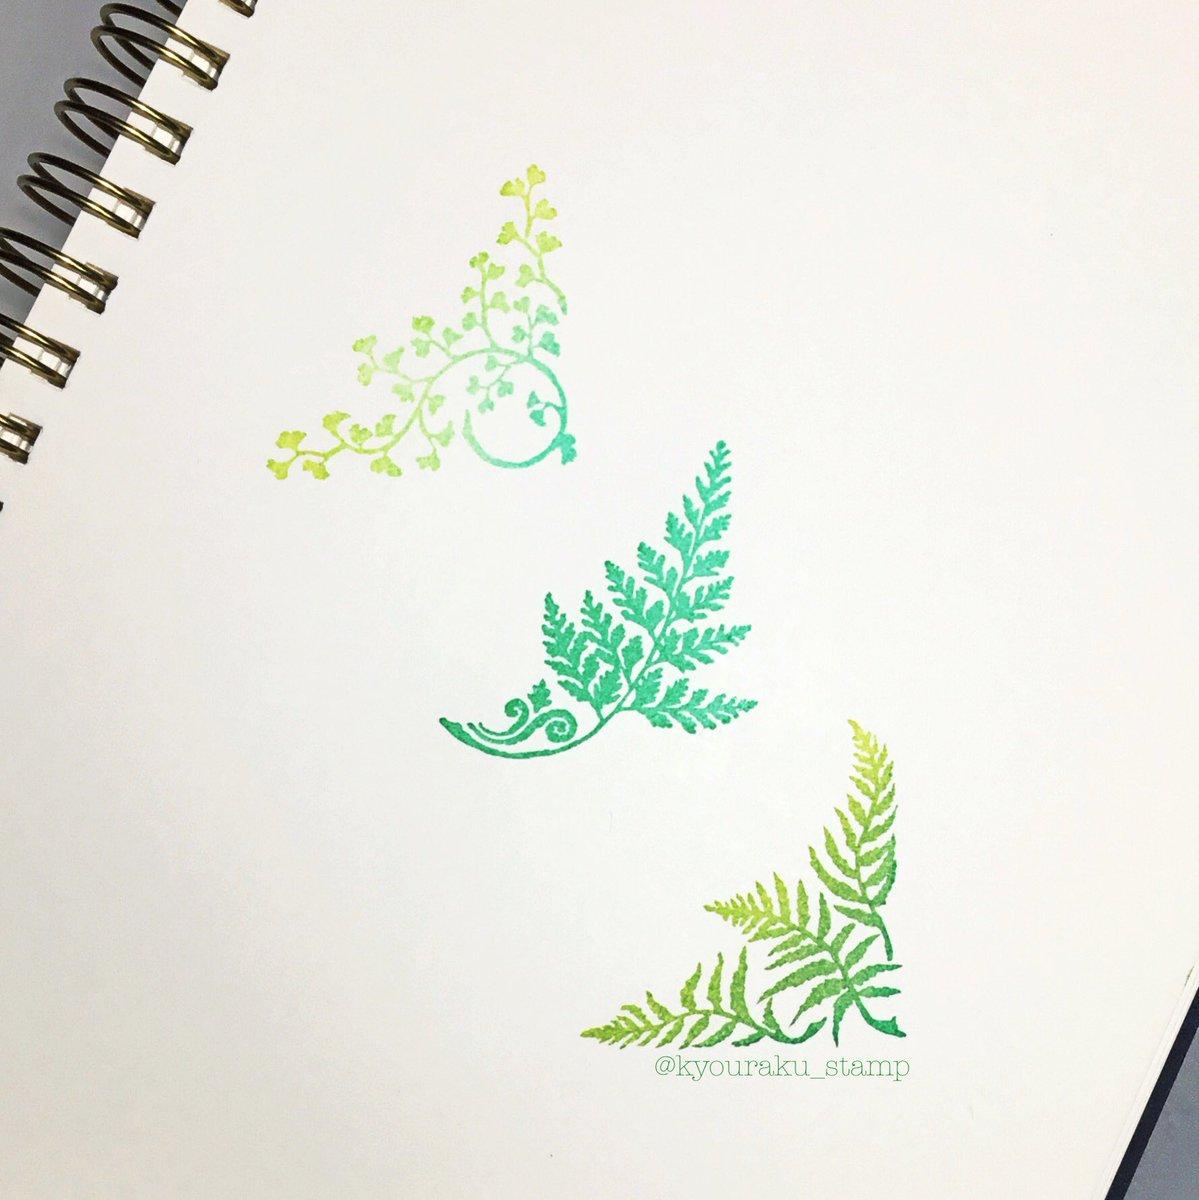 植物 と コケ シダ 植物